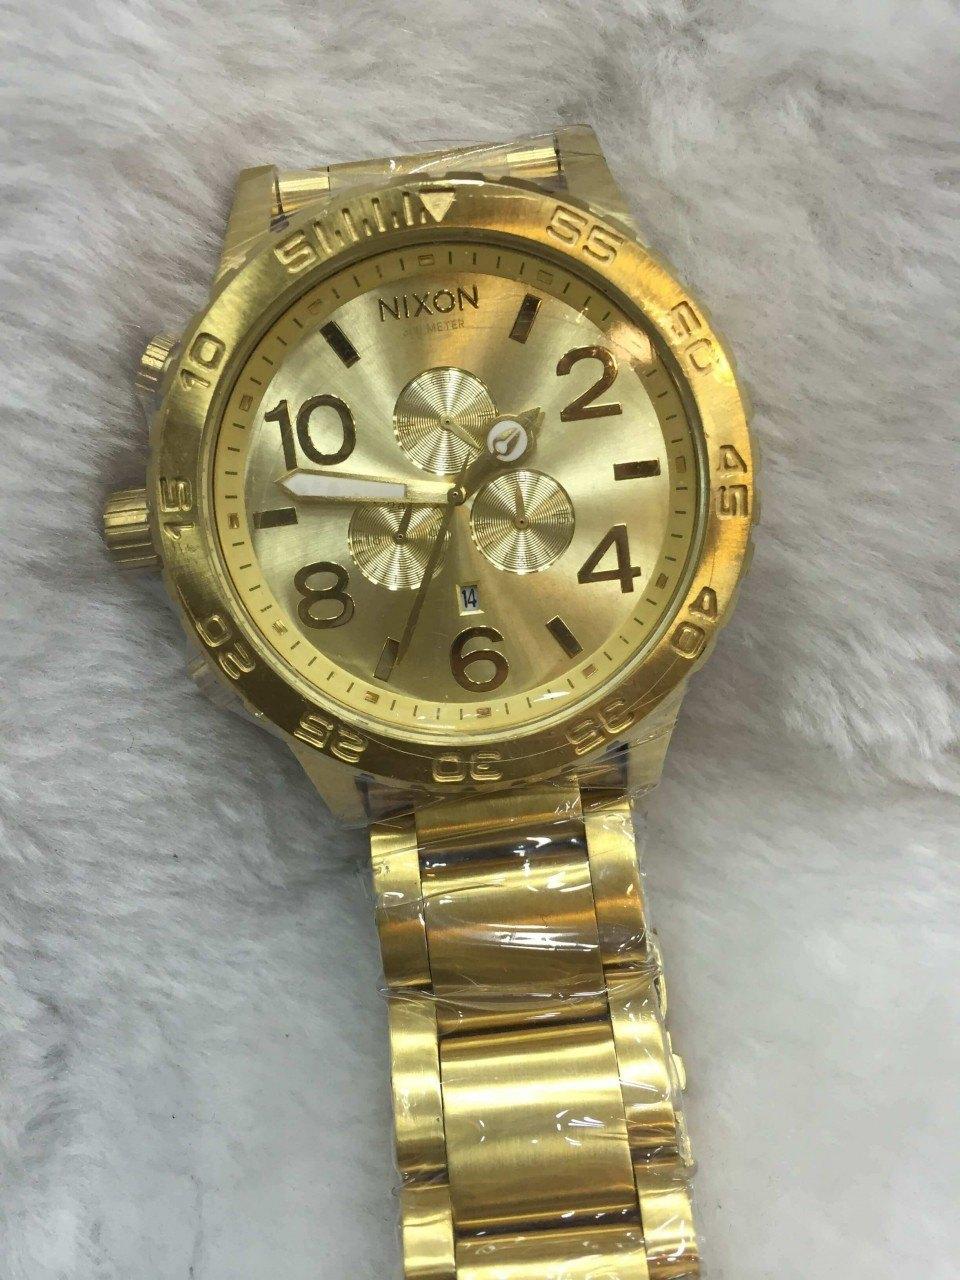 Nixon 51-30 N5130-001